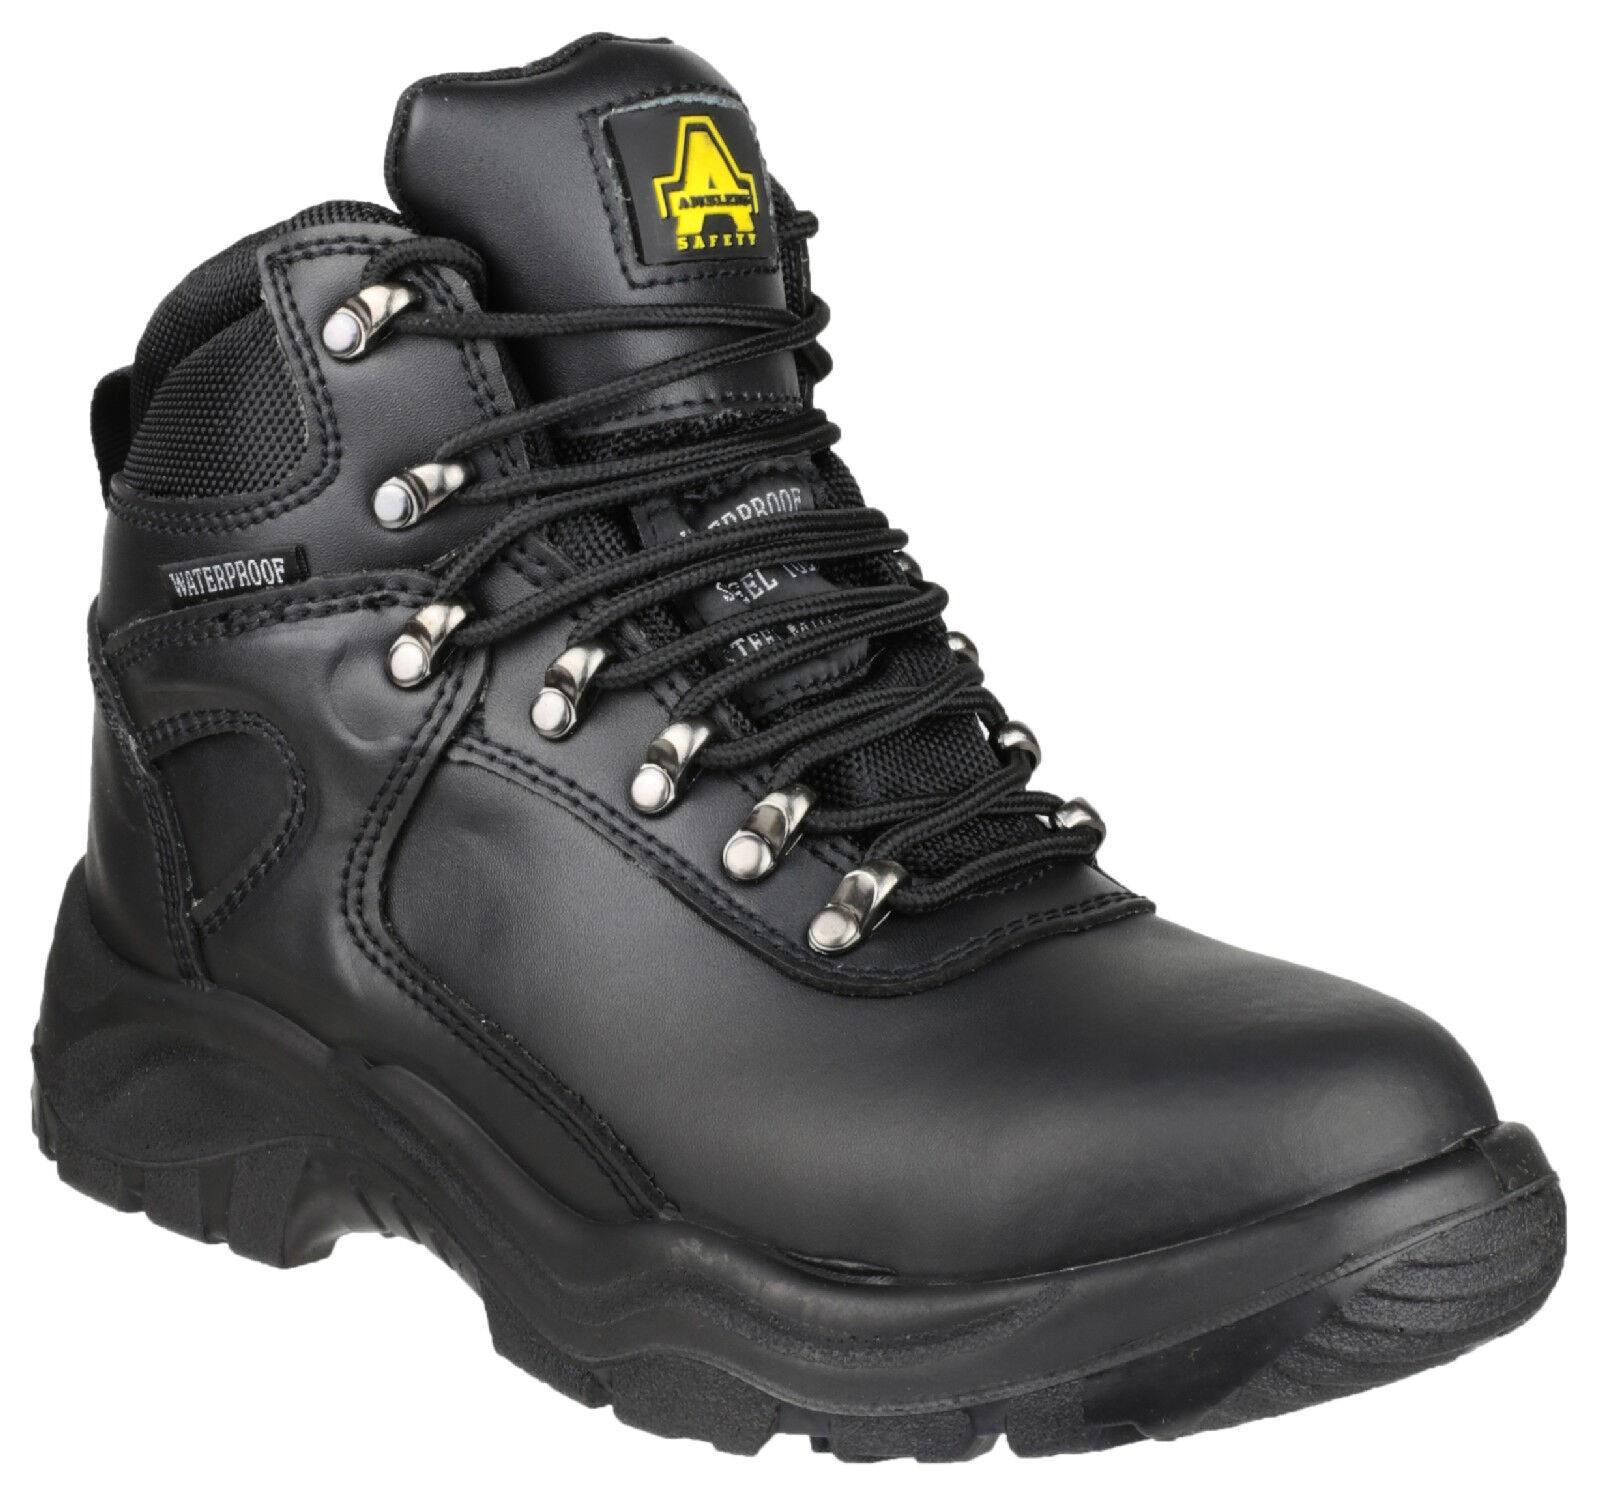 Hombre Waterproof Toe Safety Work botas / Negro Leather Steel Toe Waterproof Cap Laced Amblers 37ac89